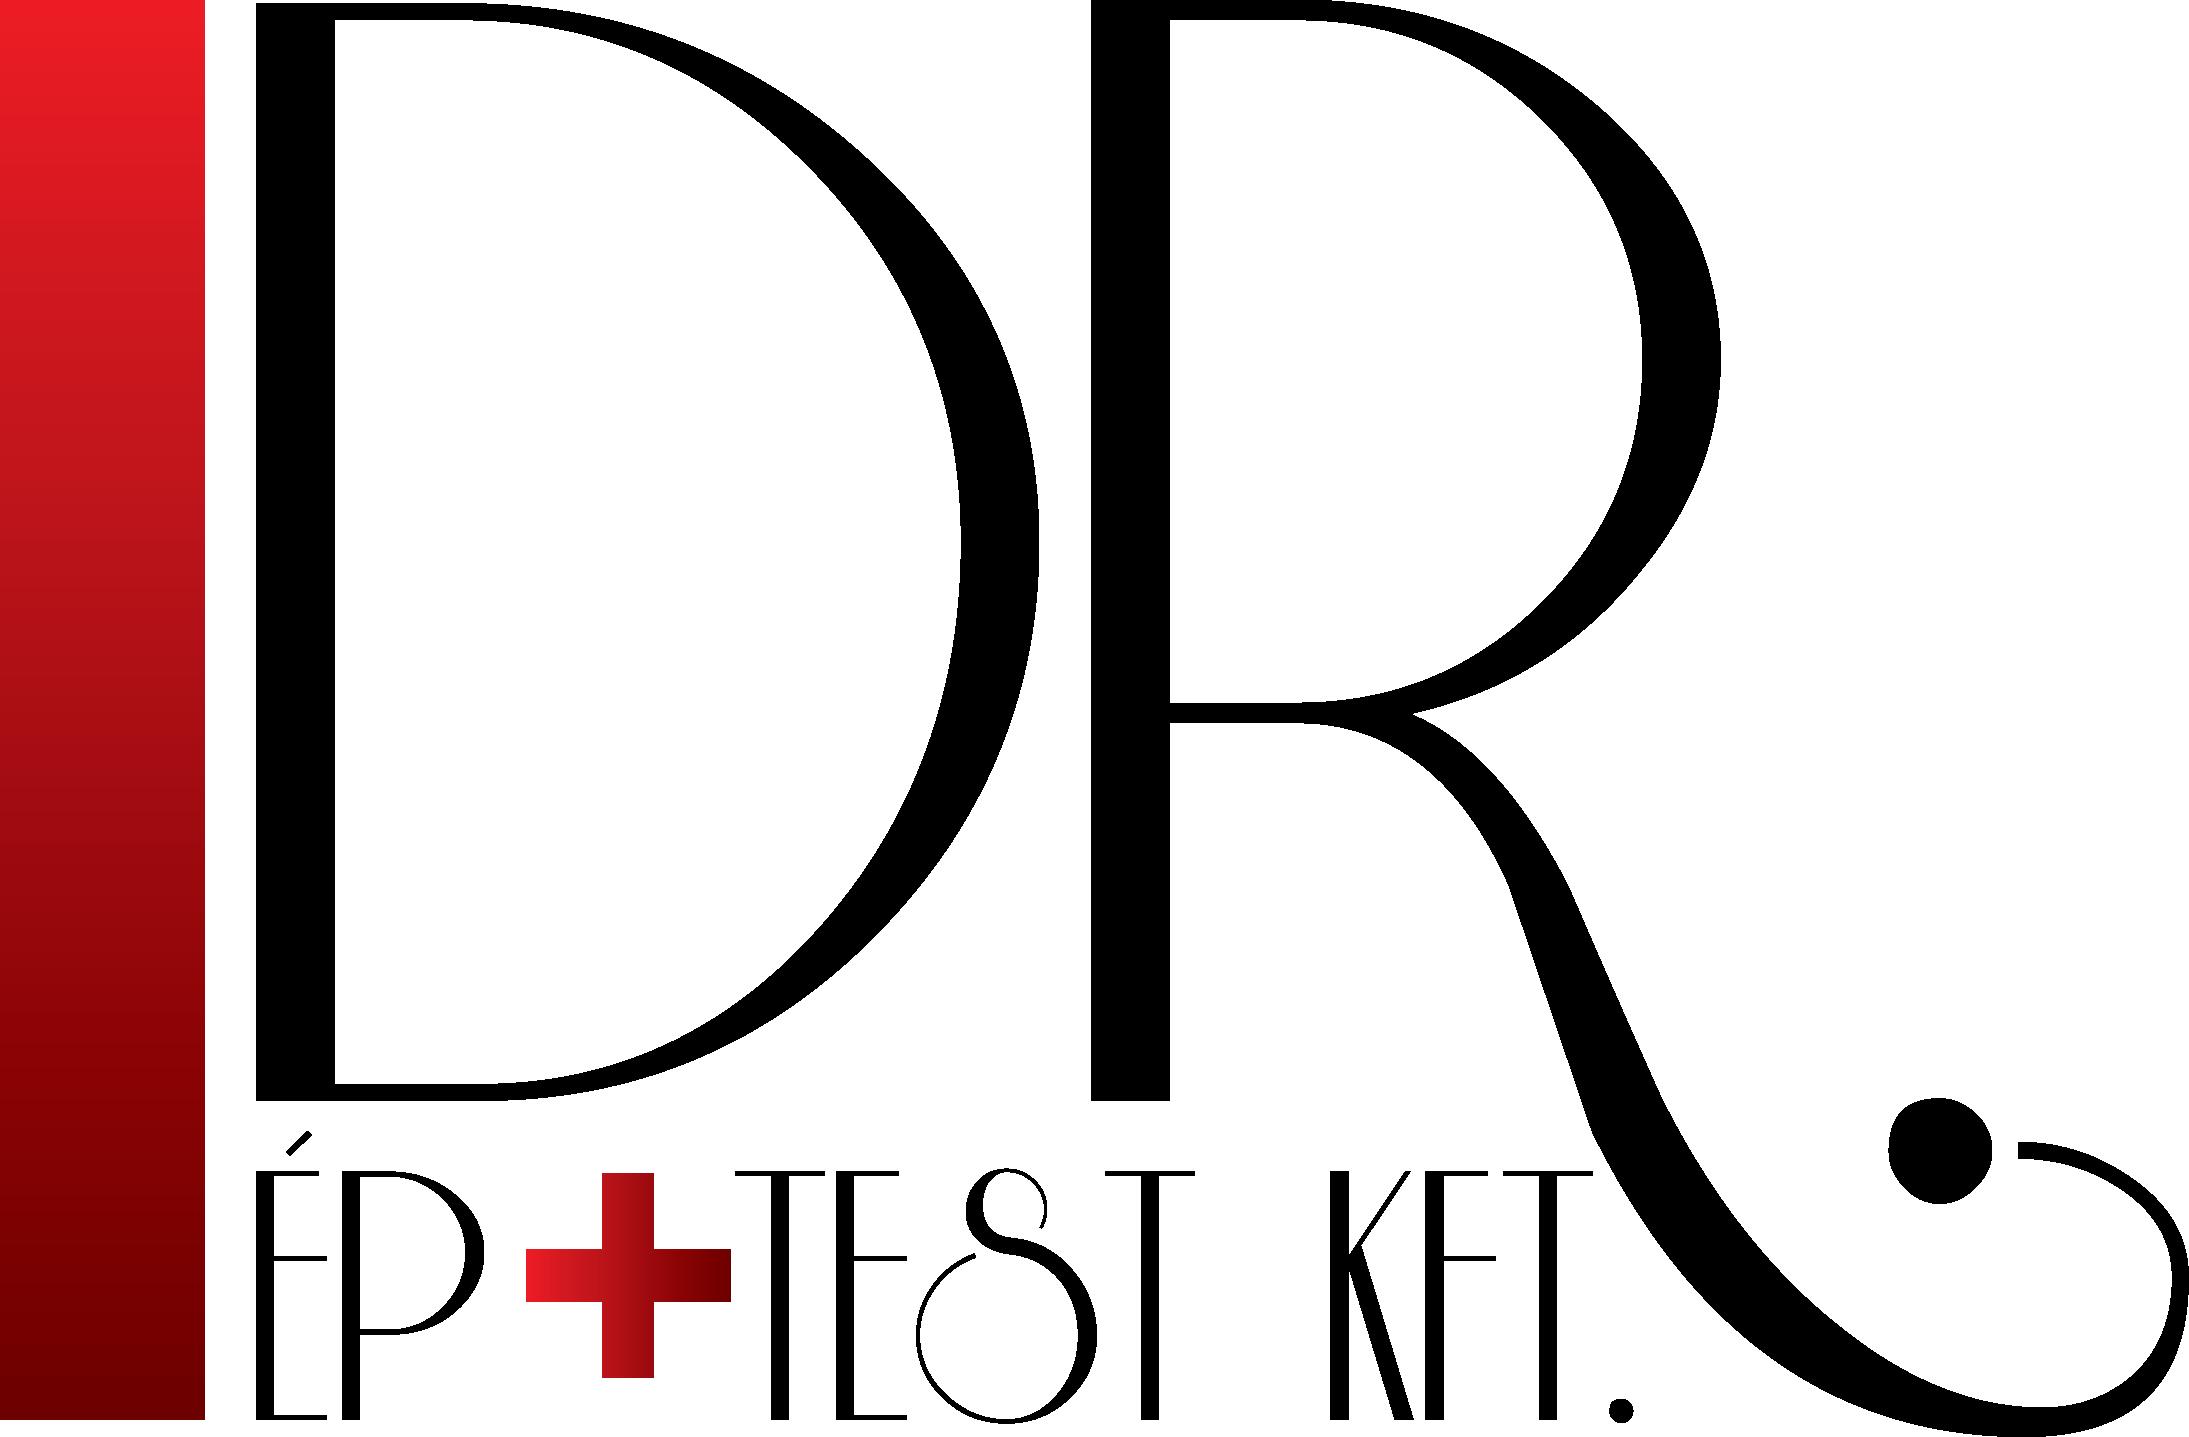 Dr. Ép + Test Kft.